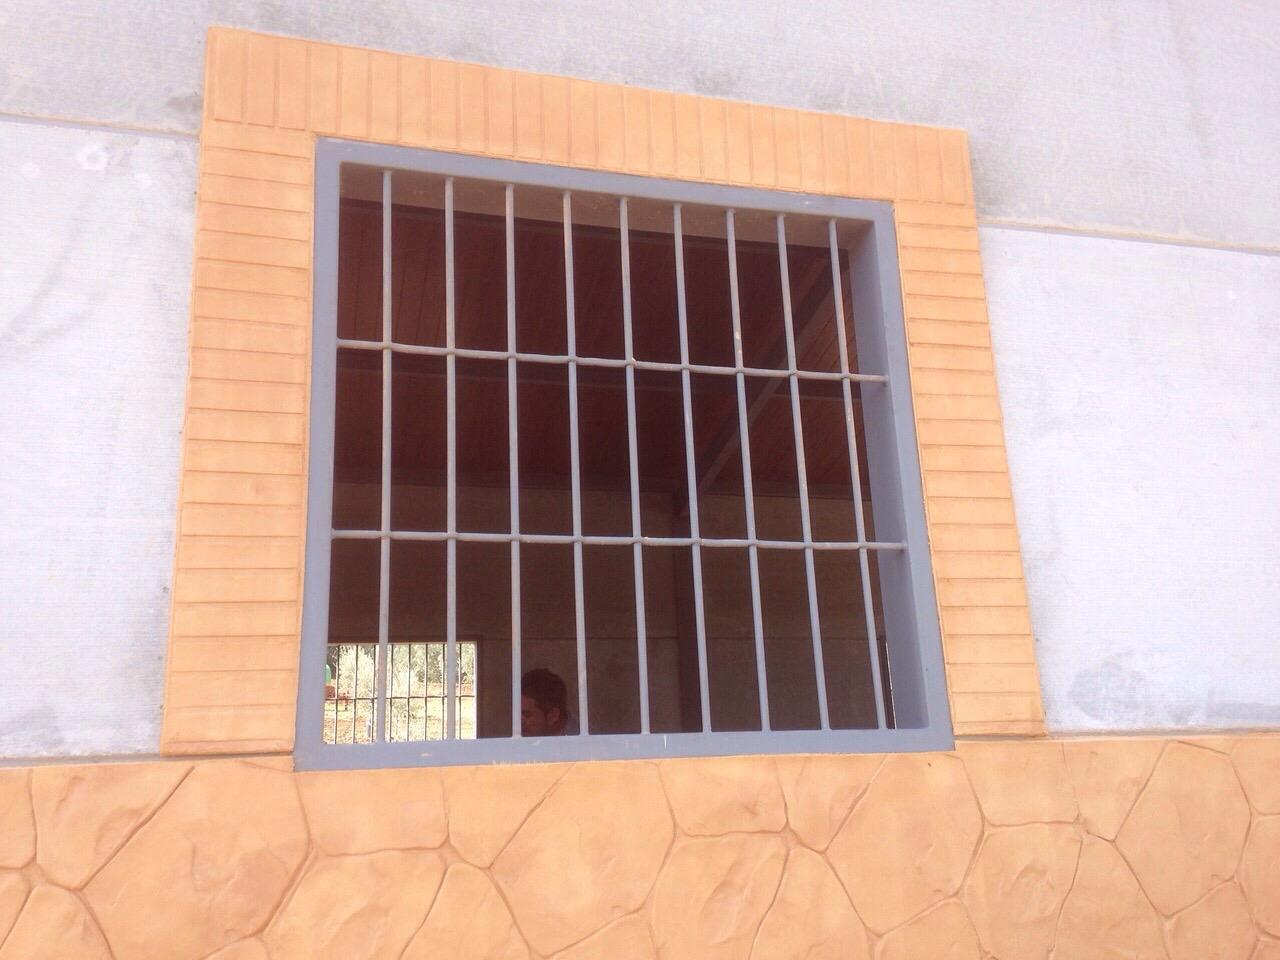 Hormigon impreso vertical recubrimiento de muros y fachadas - Hormigon impreso vertical ...